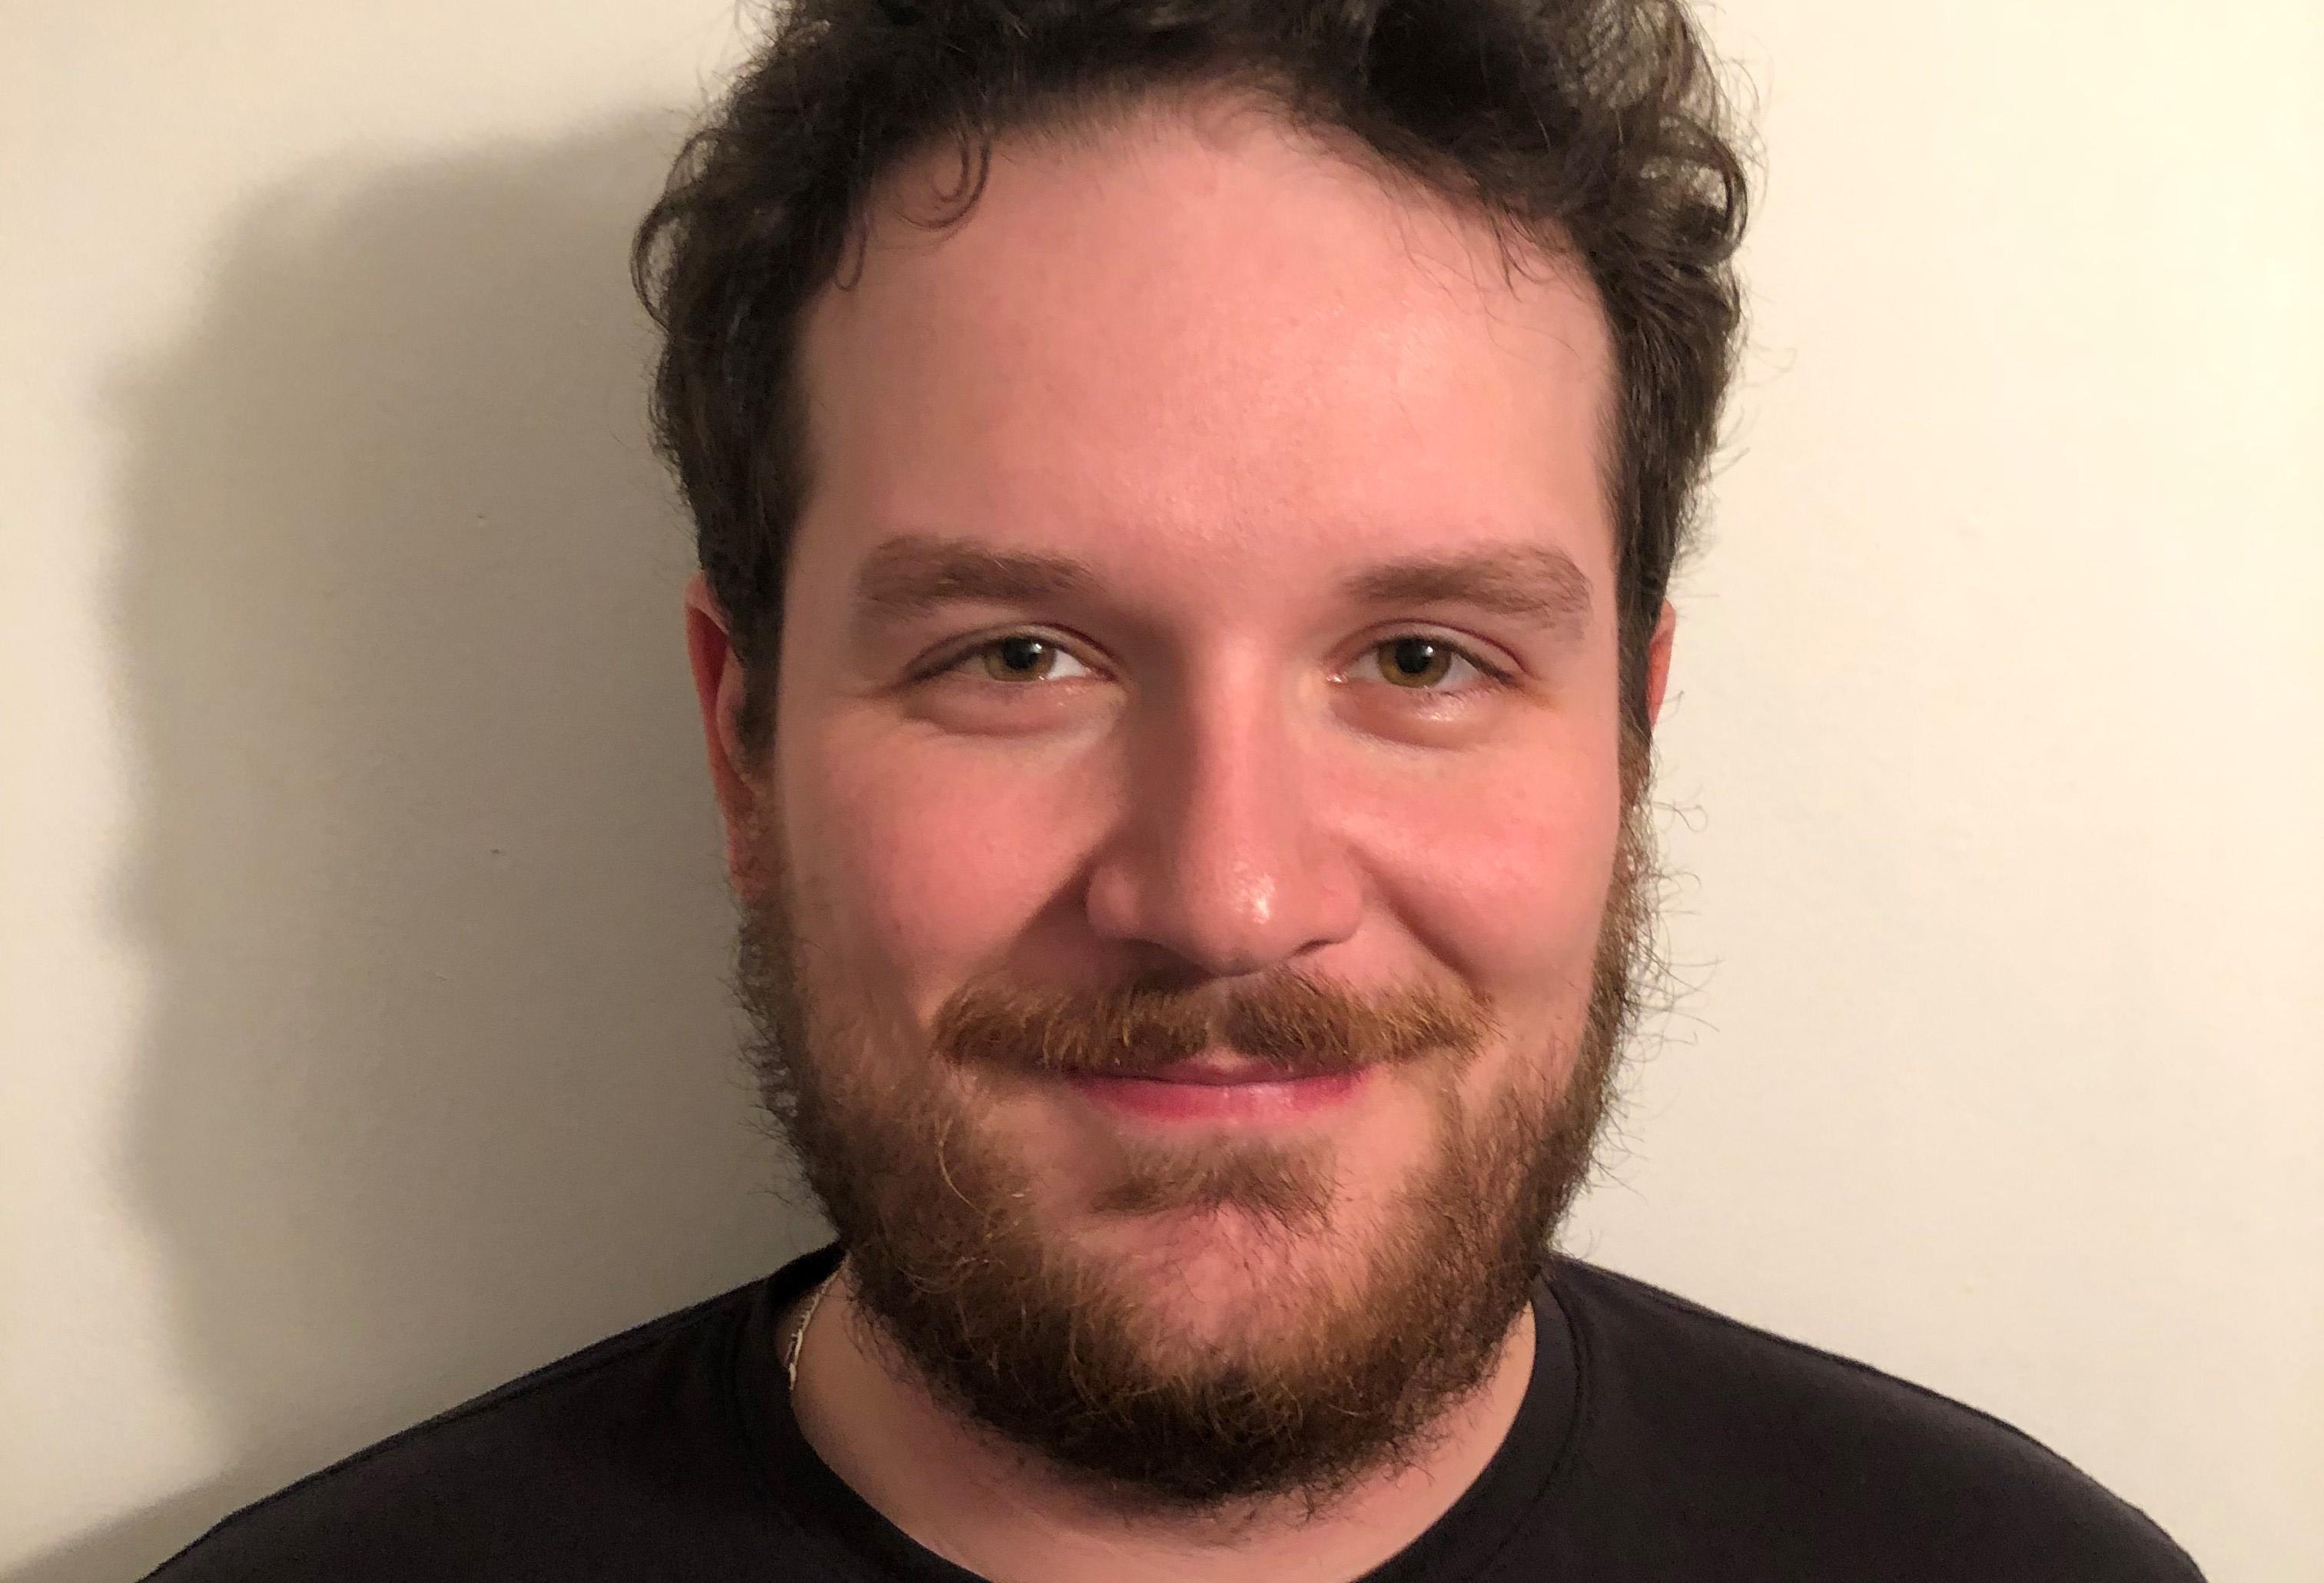 Virgil Légaré smiles proudly